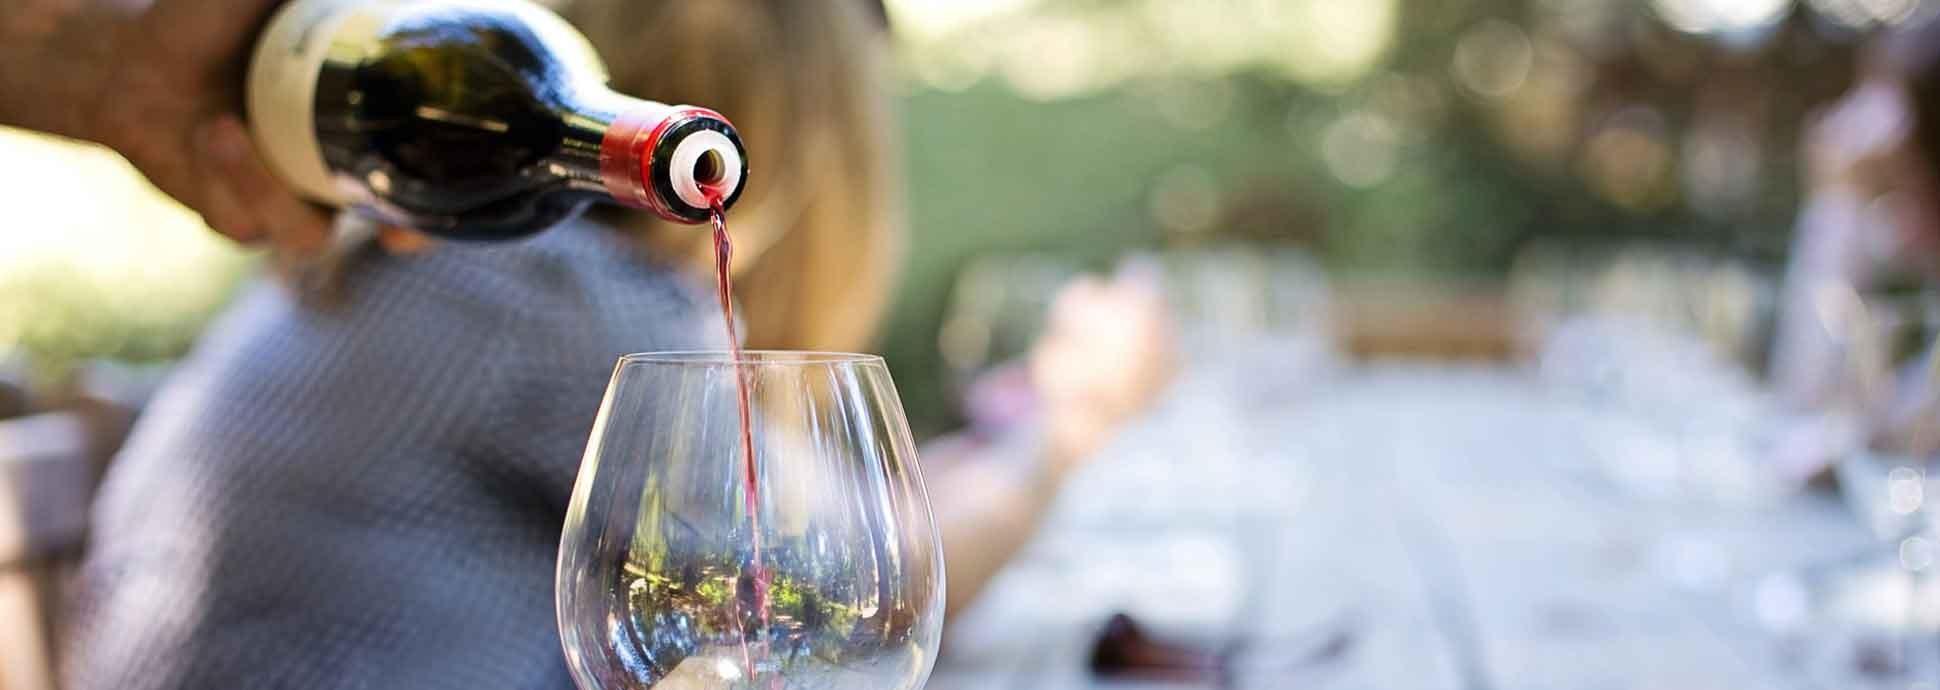 Vente de vin en abonnement